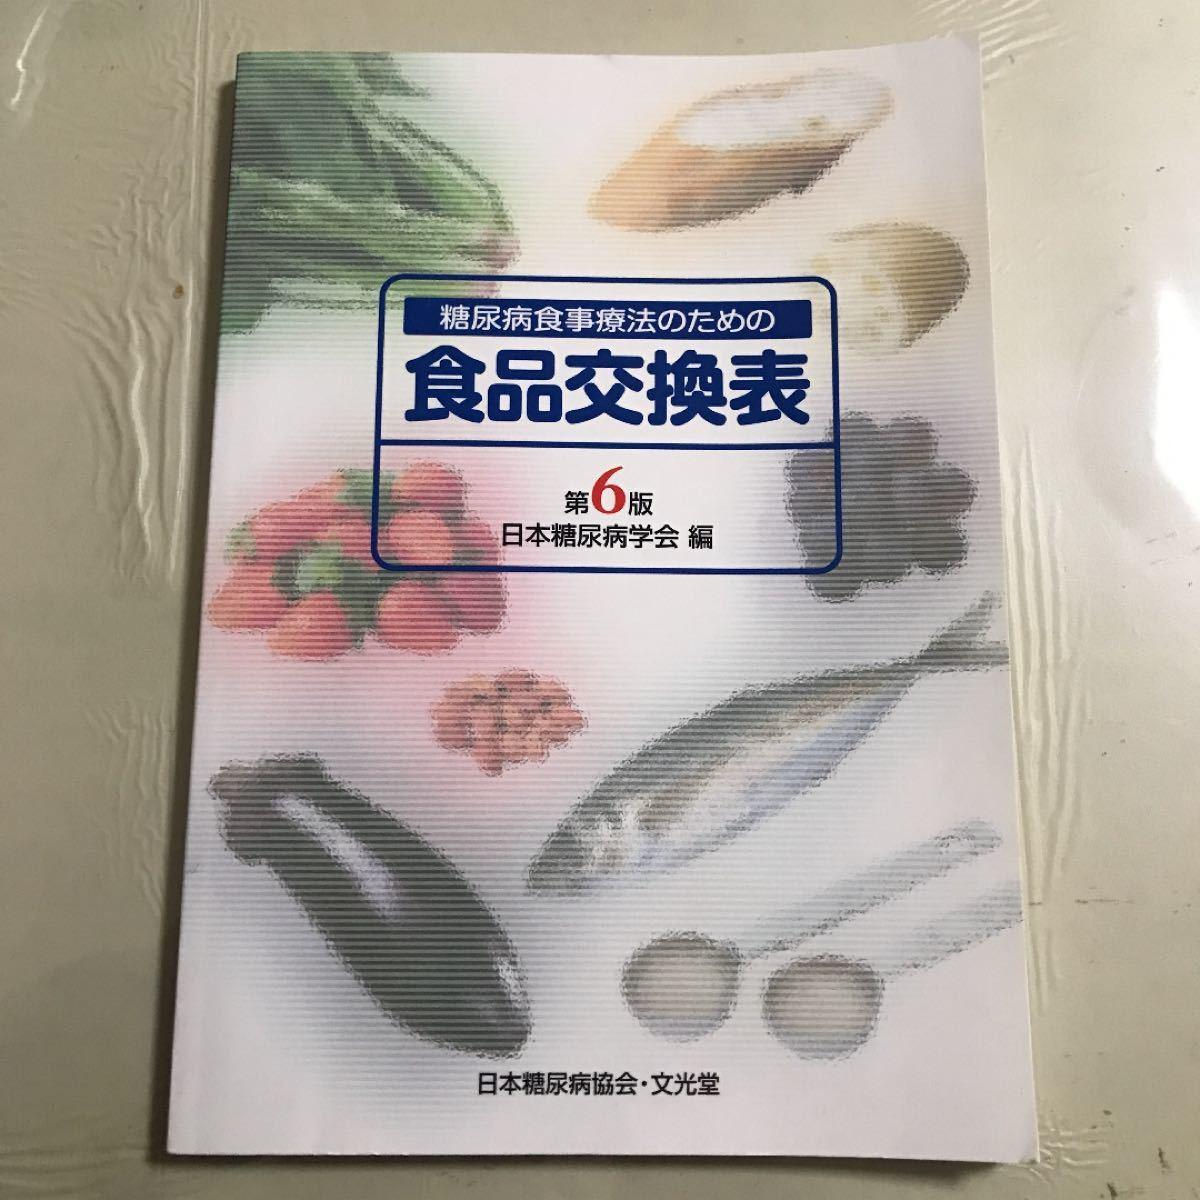 糖尿病食事療法のための食品交換表 第6版 日本糖尿病学会 編